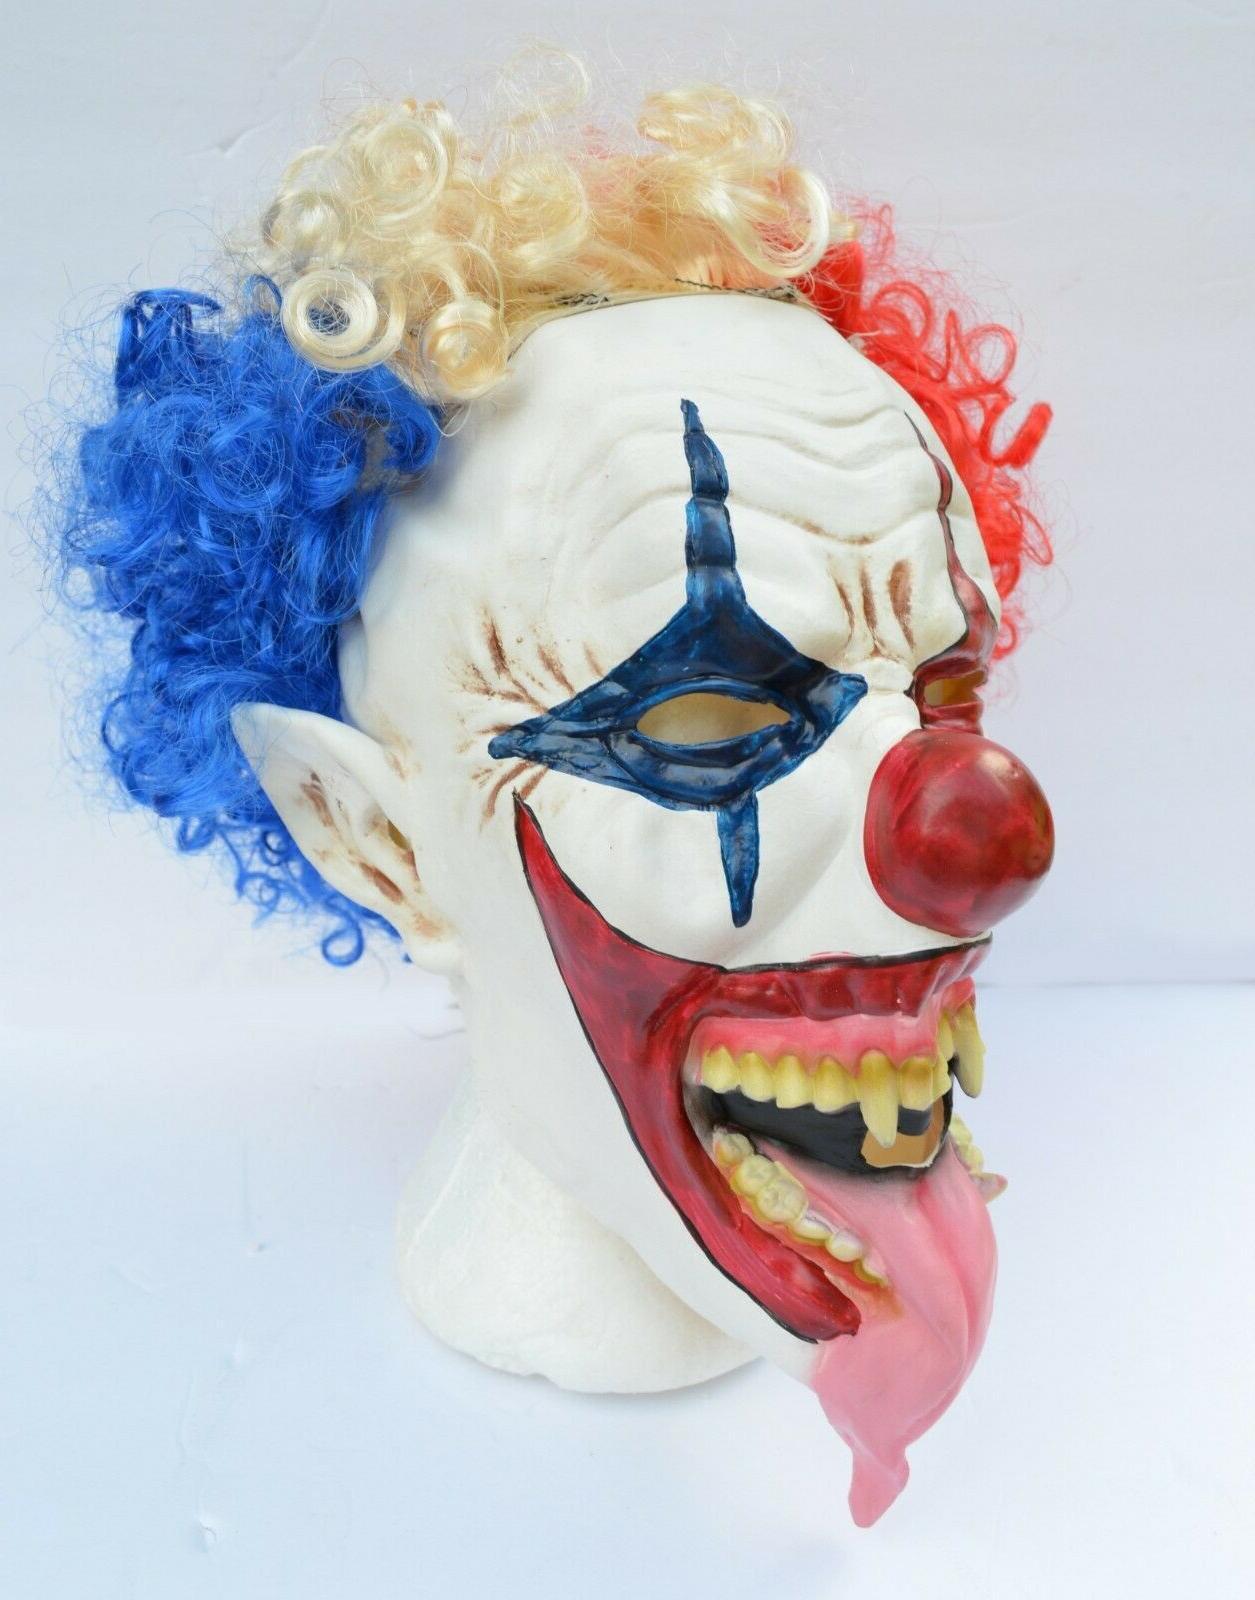 Halloween Clown with Hair Tongue CLOWN